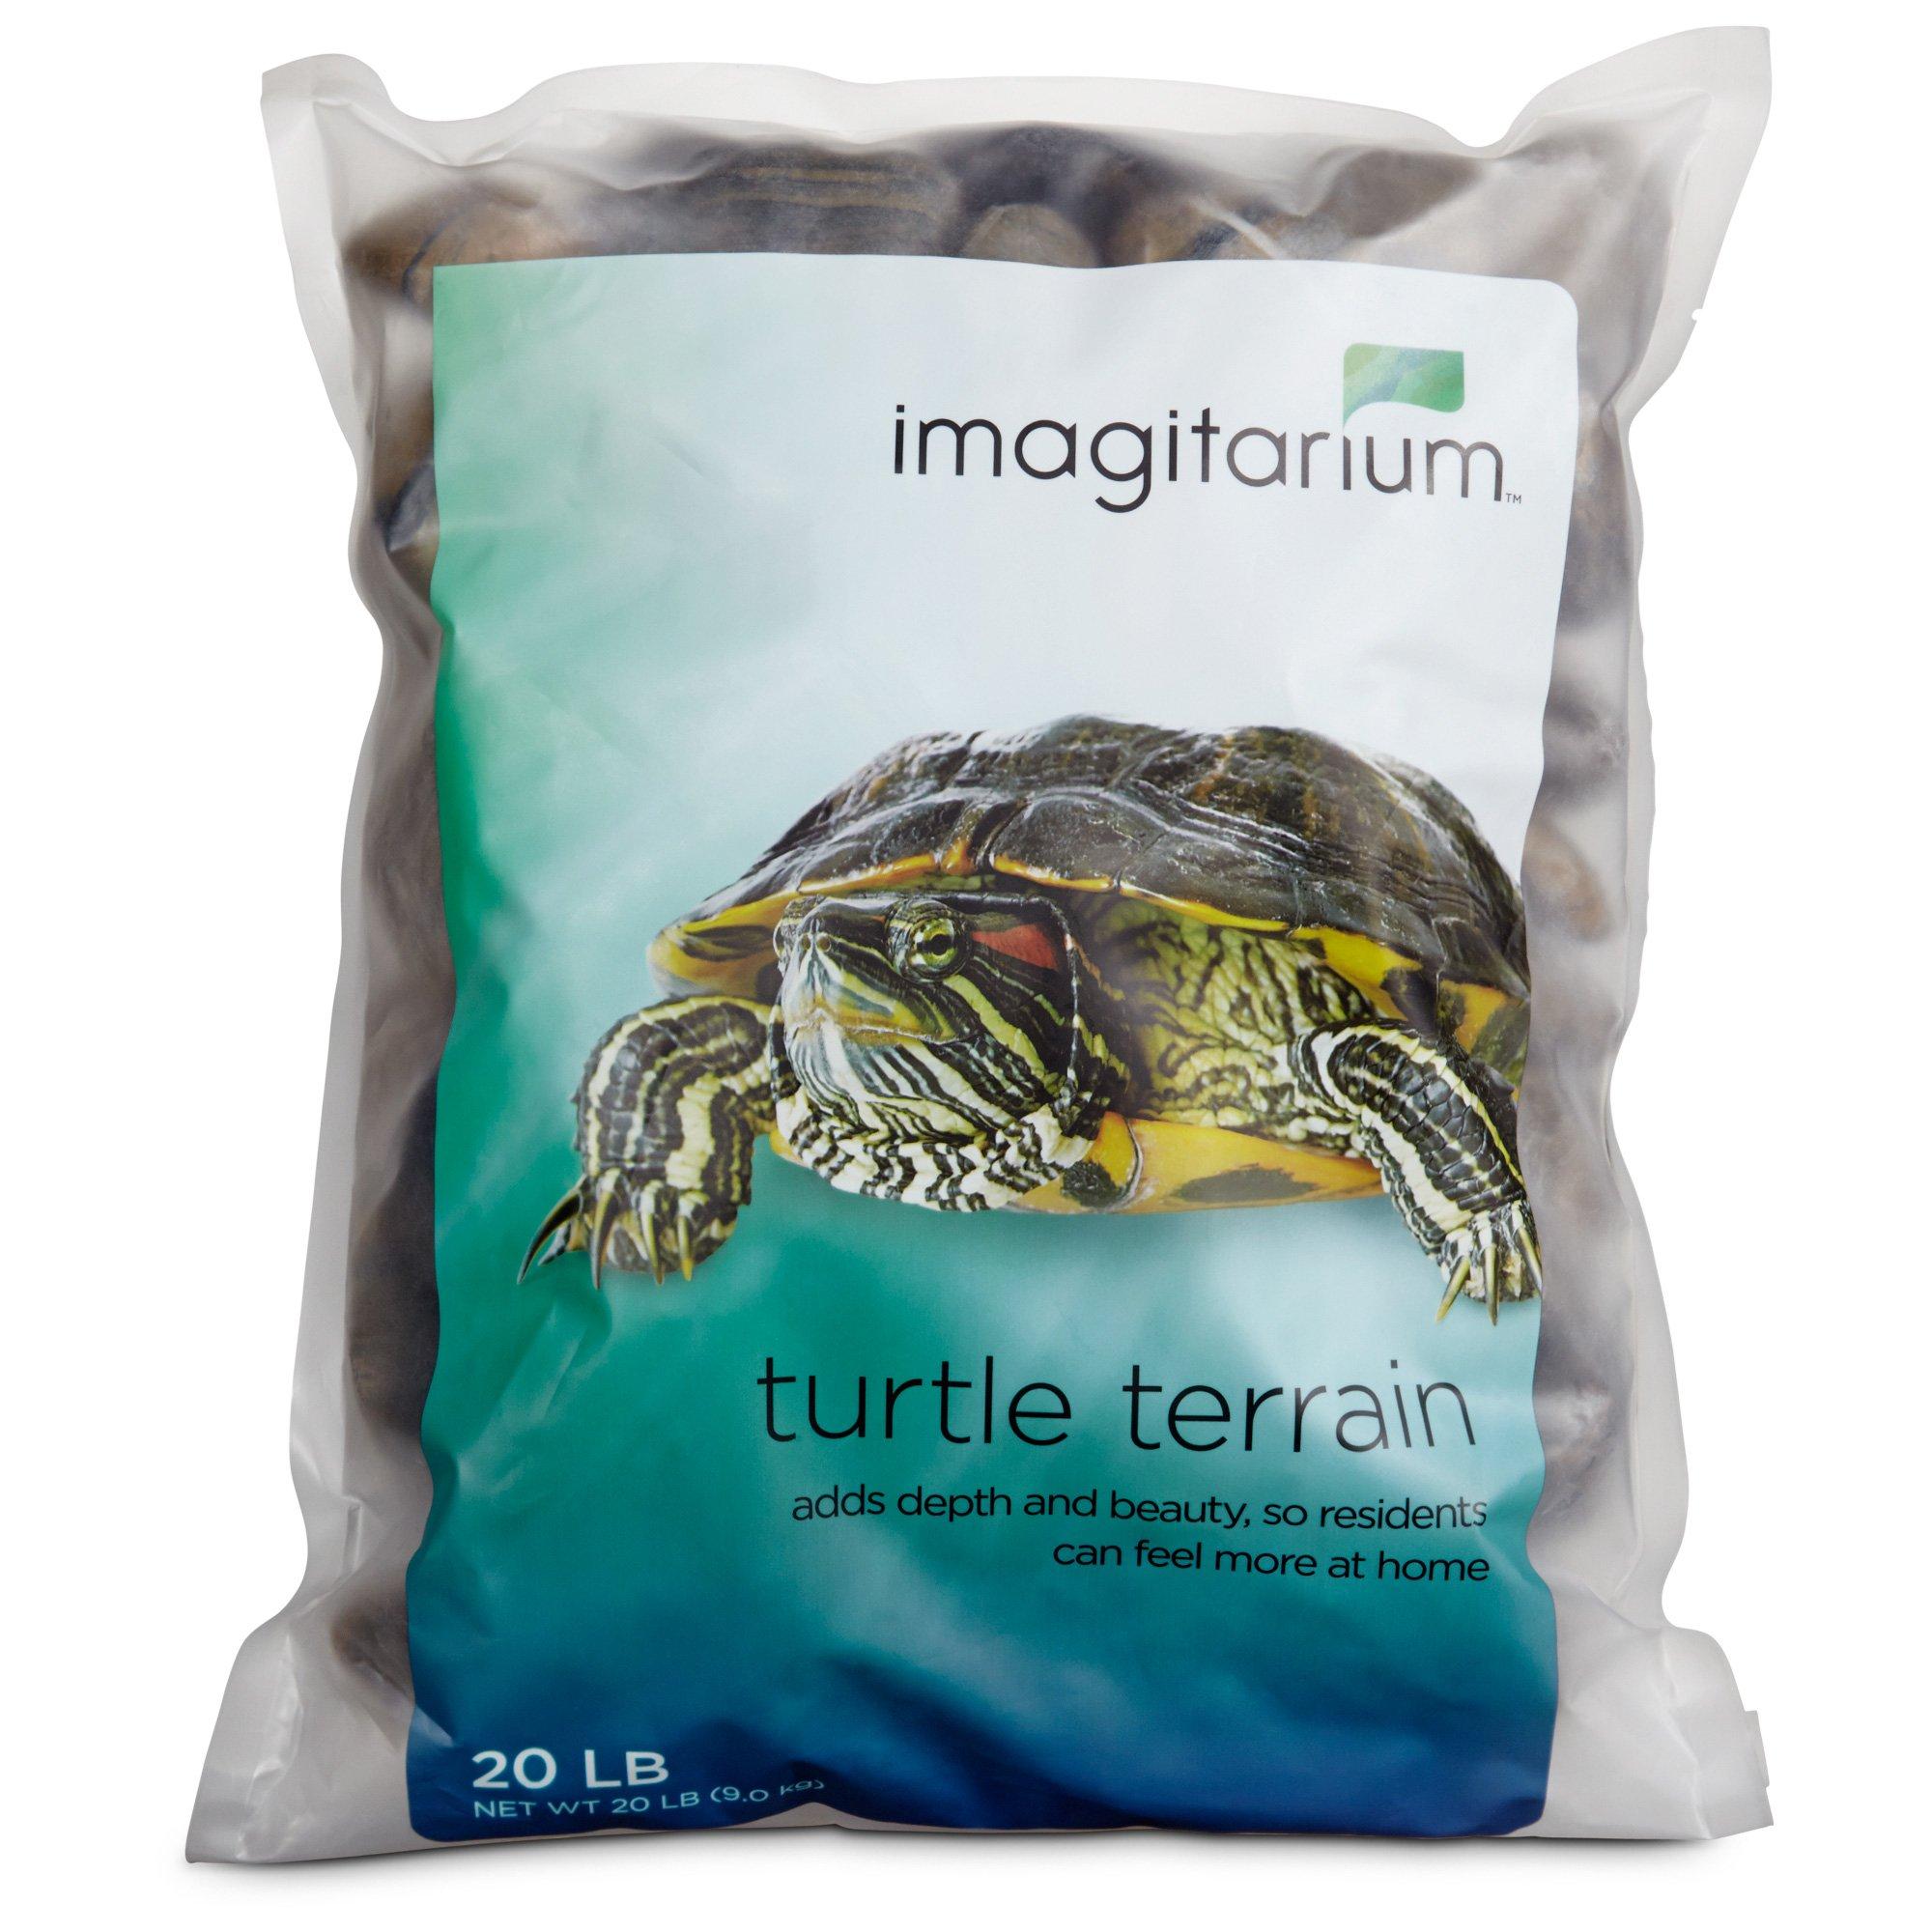 Imagitarium Turtle Terrain Tiger Stripe Rocks